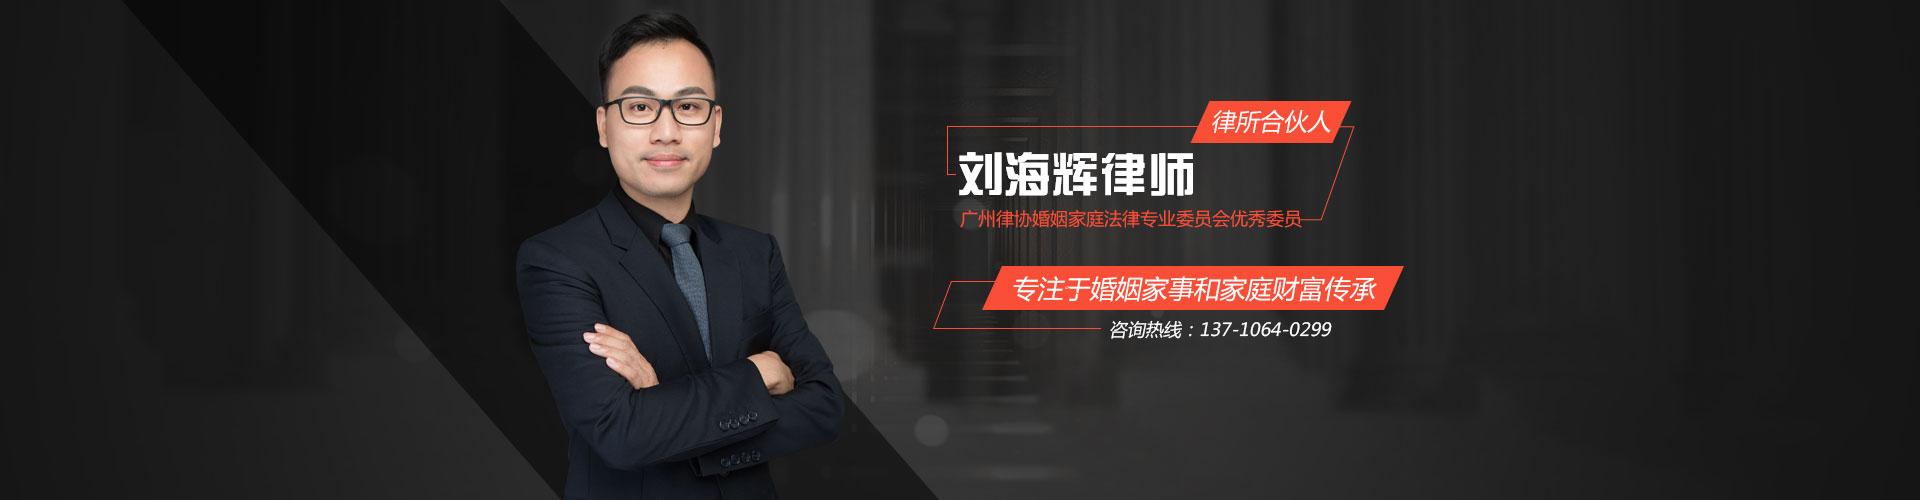 广州婚姻家庭律师